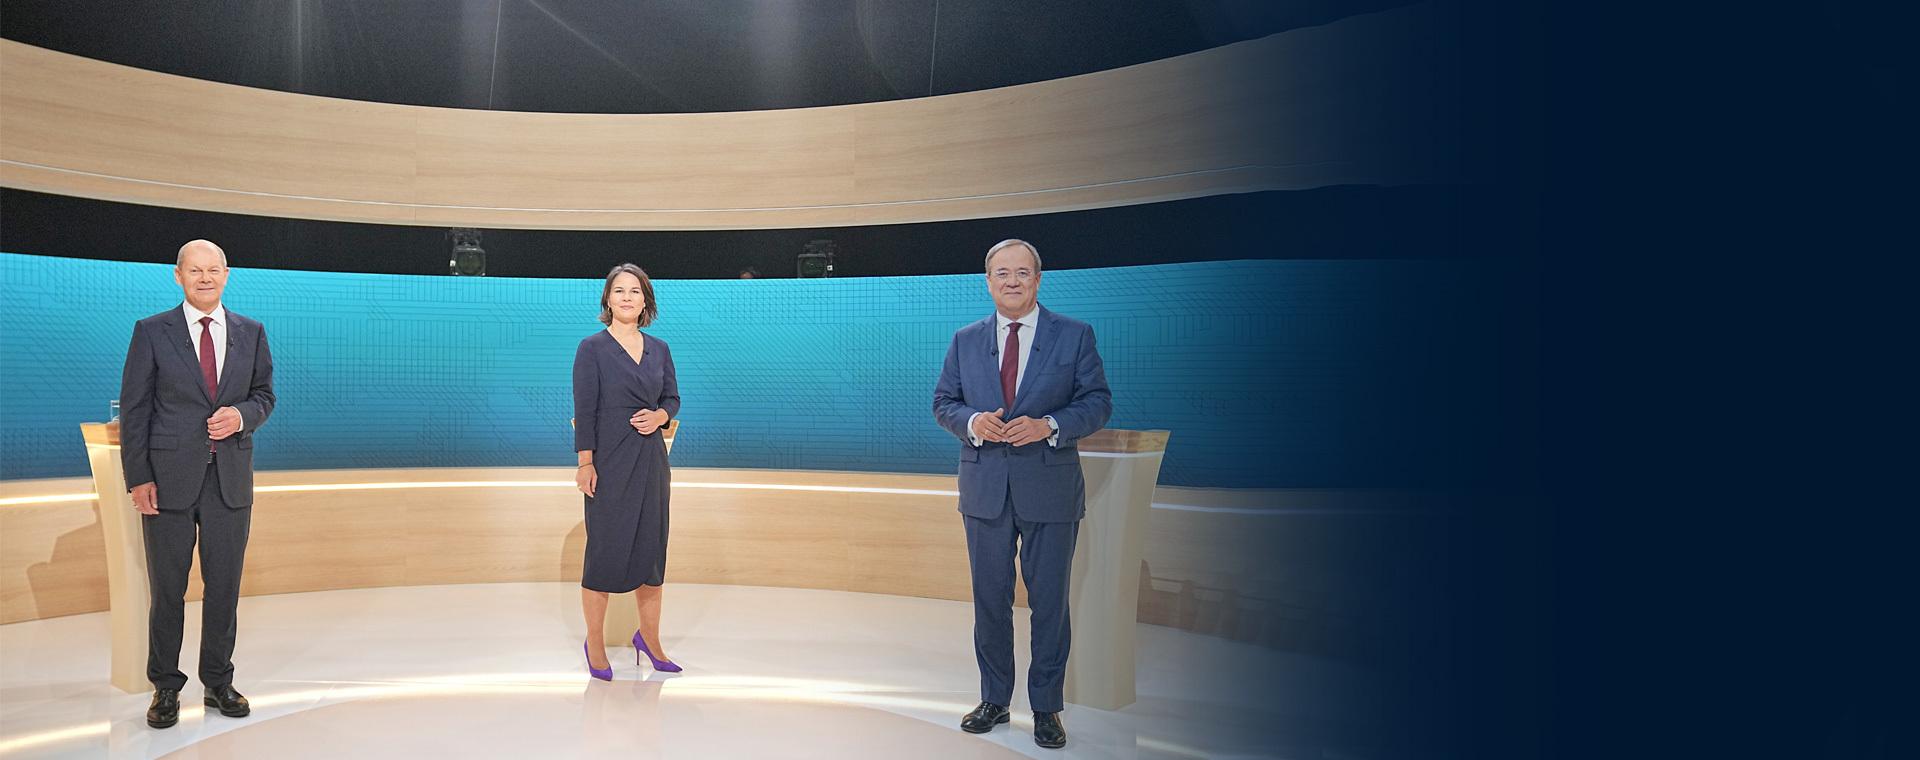 Μάχη για την ψήφο των αναποφάσιστων στην τελική ευθεία για τις κάλπες στη Γερμανία